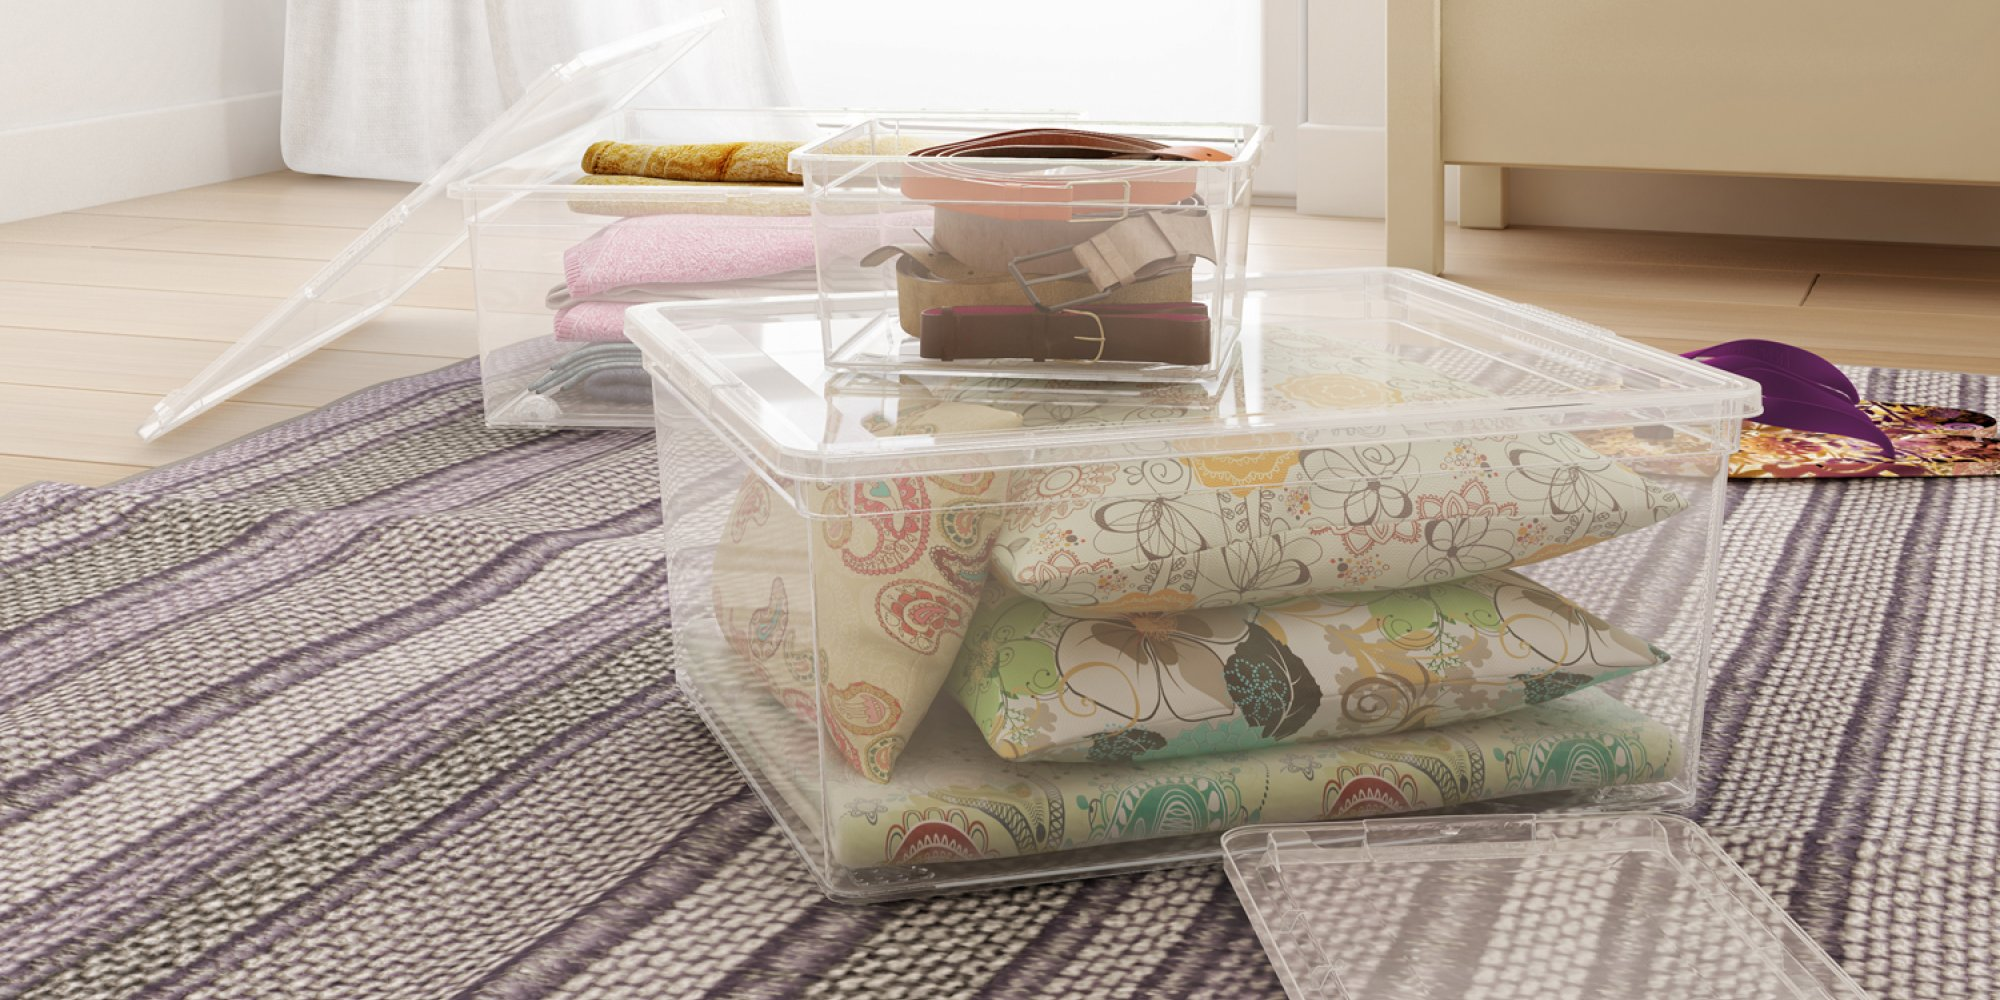 Kis 5 schnelle Schritte, um in deinen Schrank vor Rabatt-Einkaufen Platz zu schaffen | gallery 5